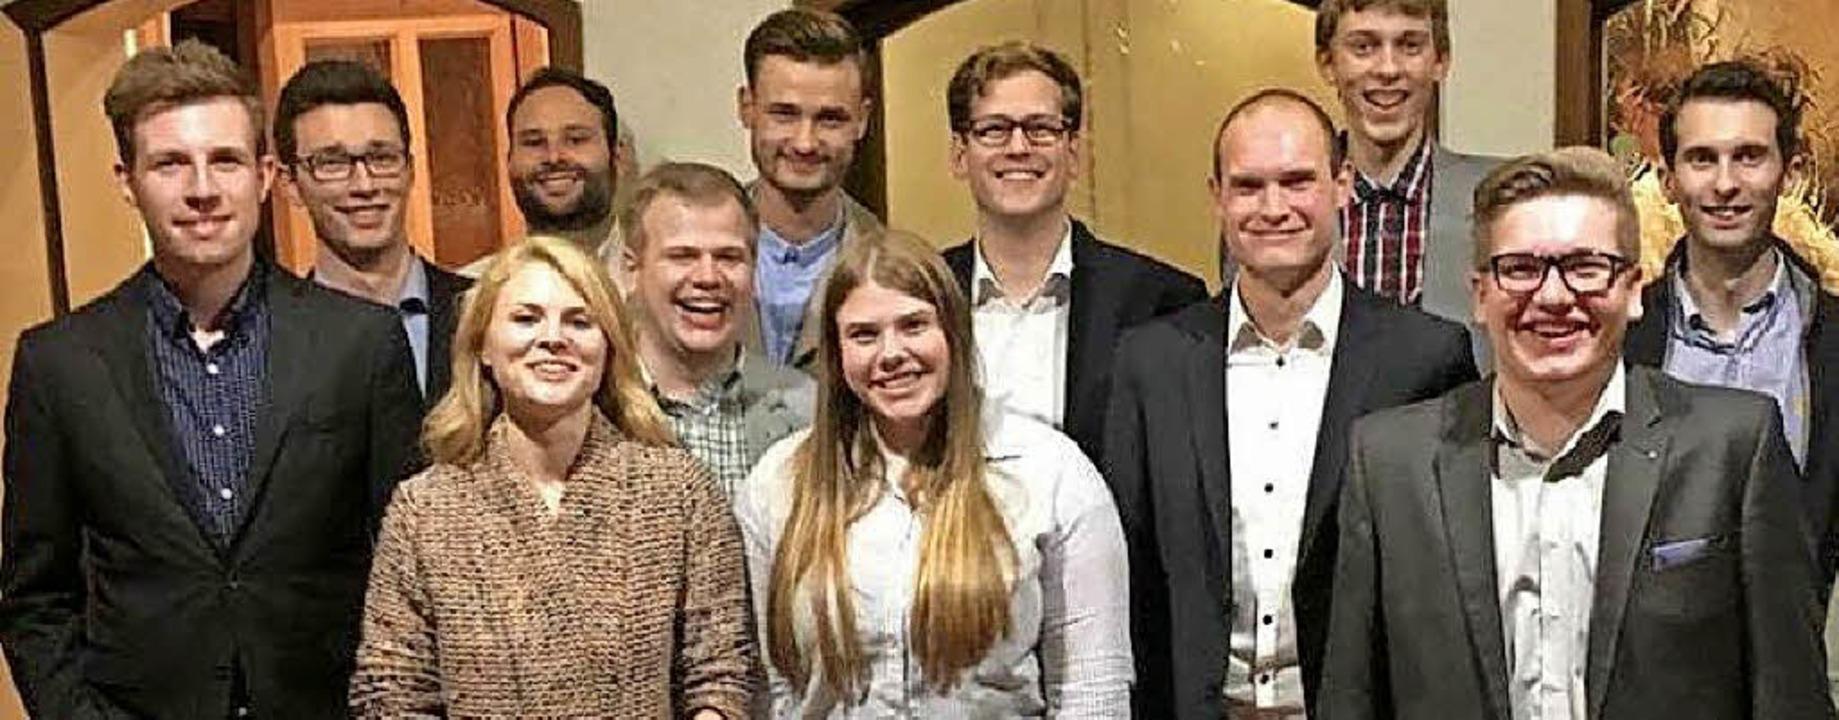 Der neue Kreisvorstand um Felix Ockenfuß (5. v. r.).     Foto: Junge Union